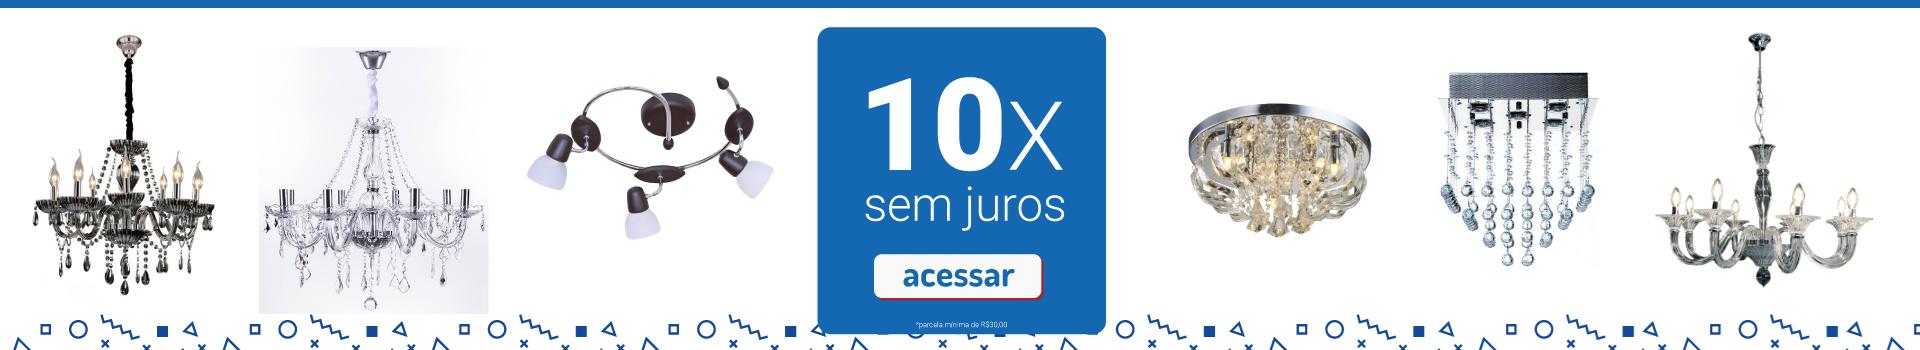 10x fixo